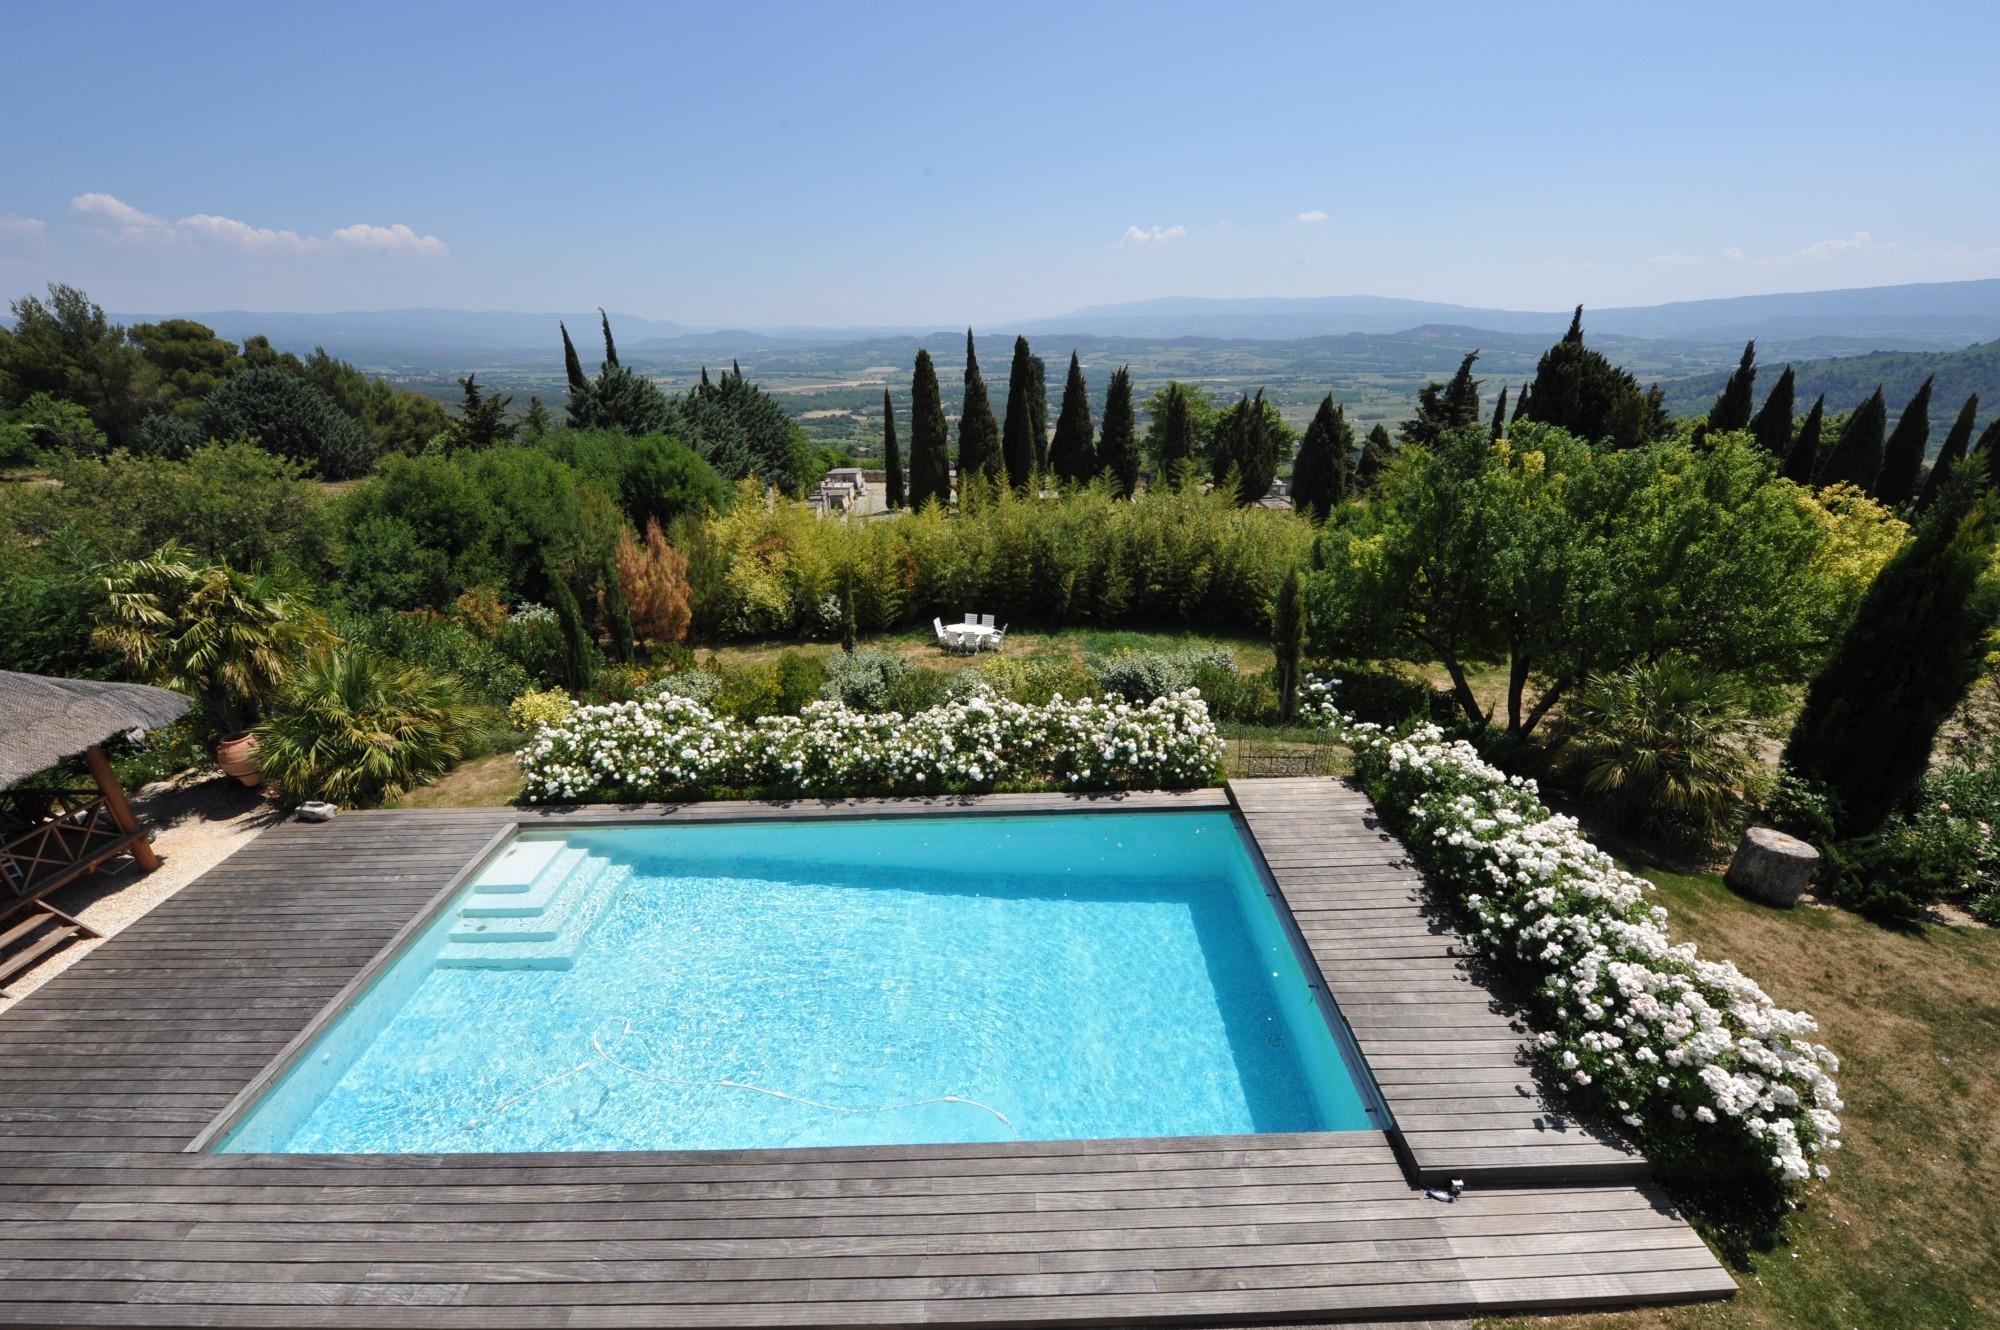 A louer pour les vacances à Gordes, vue dominante sublime